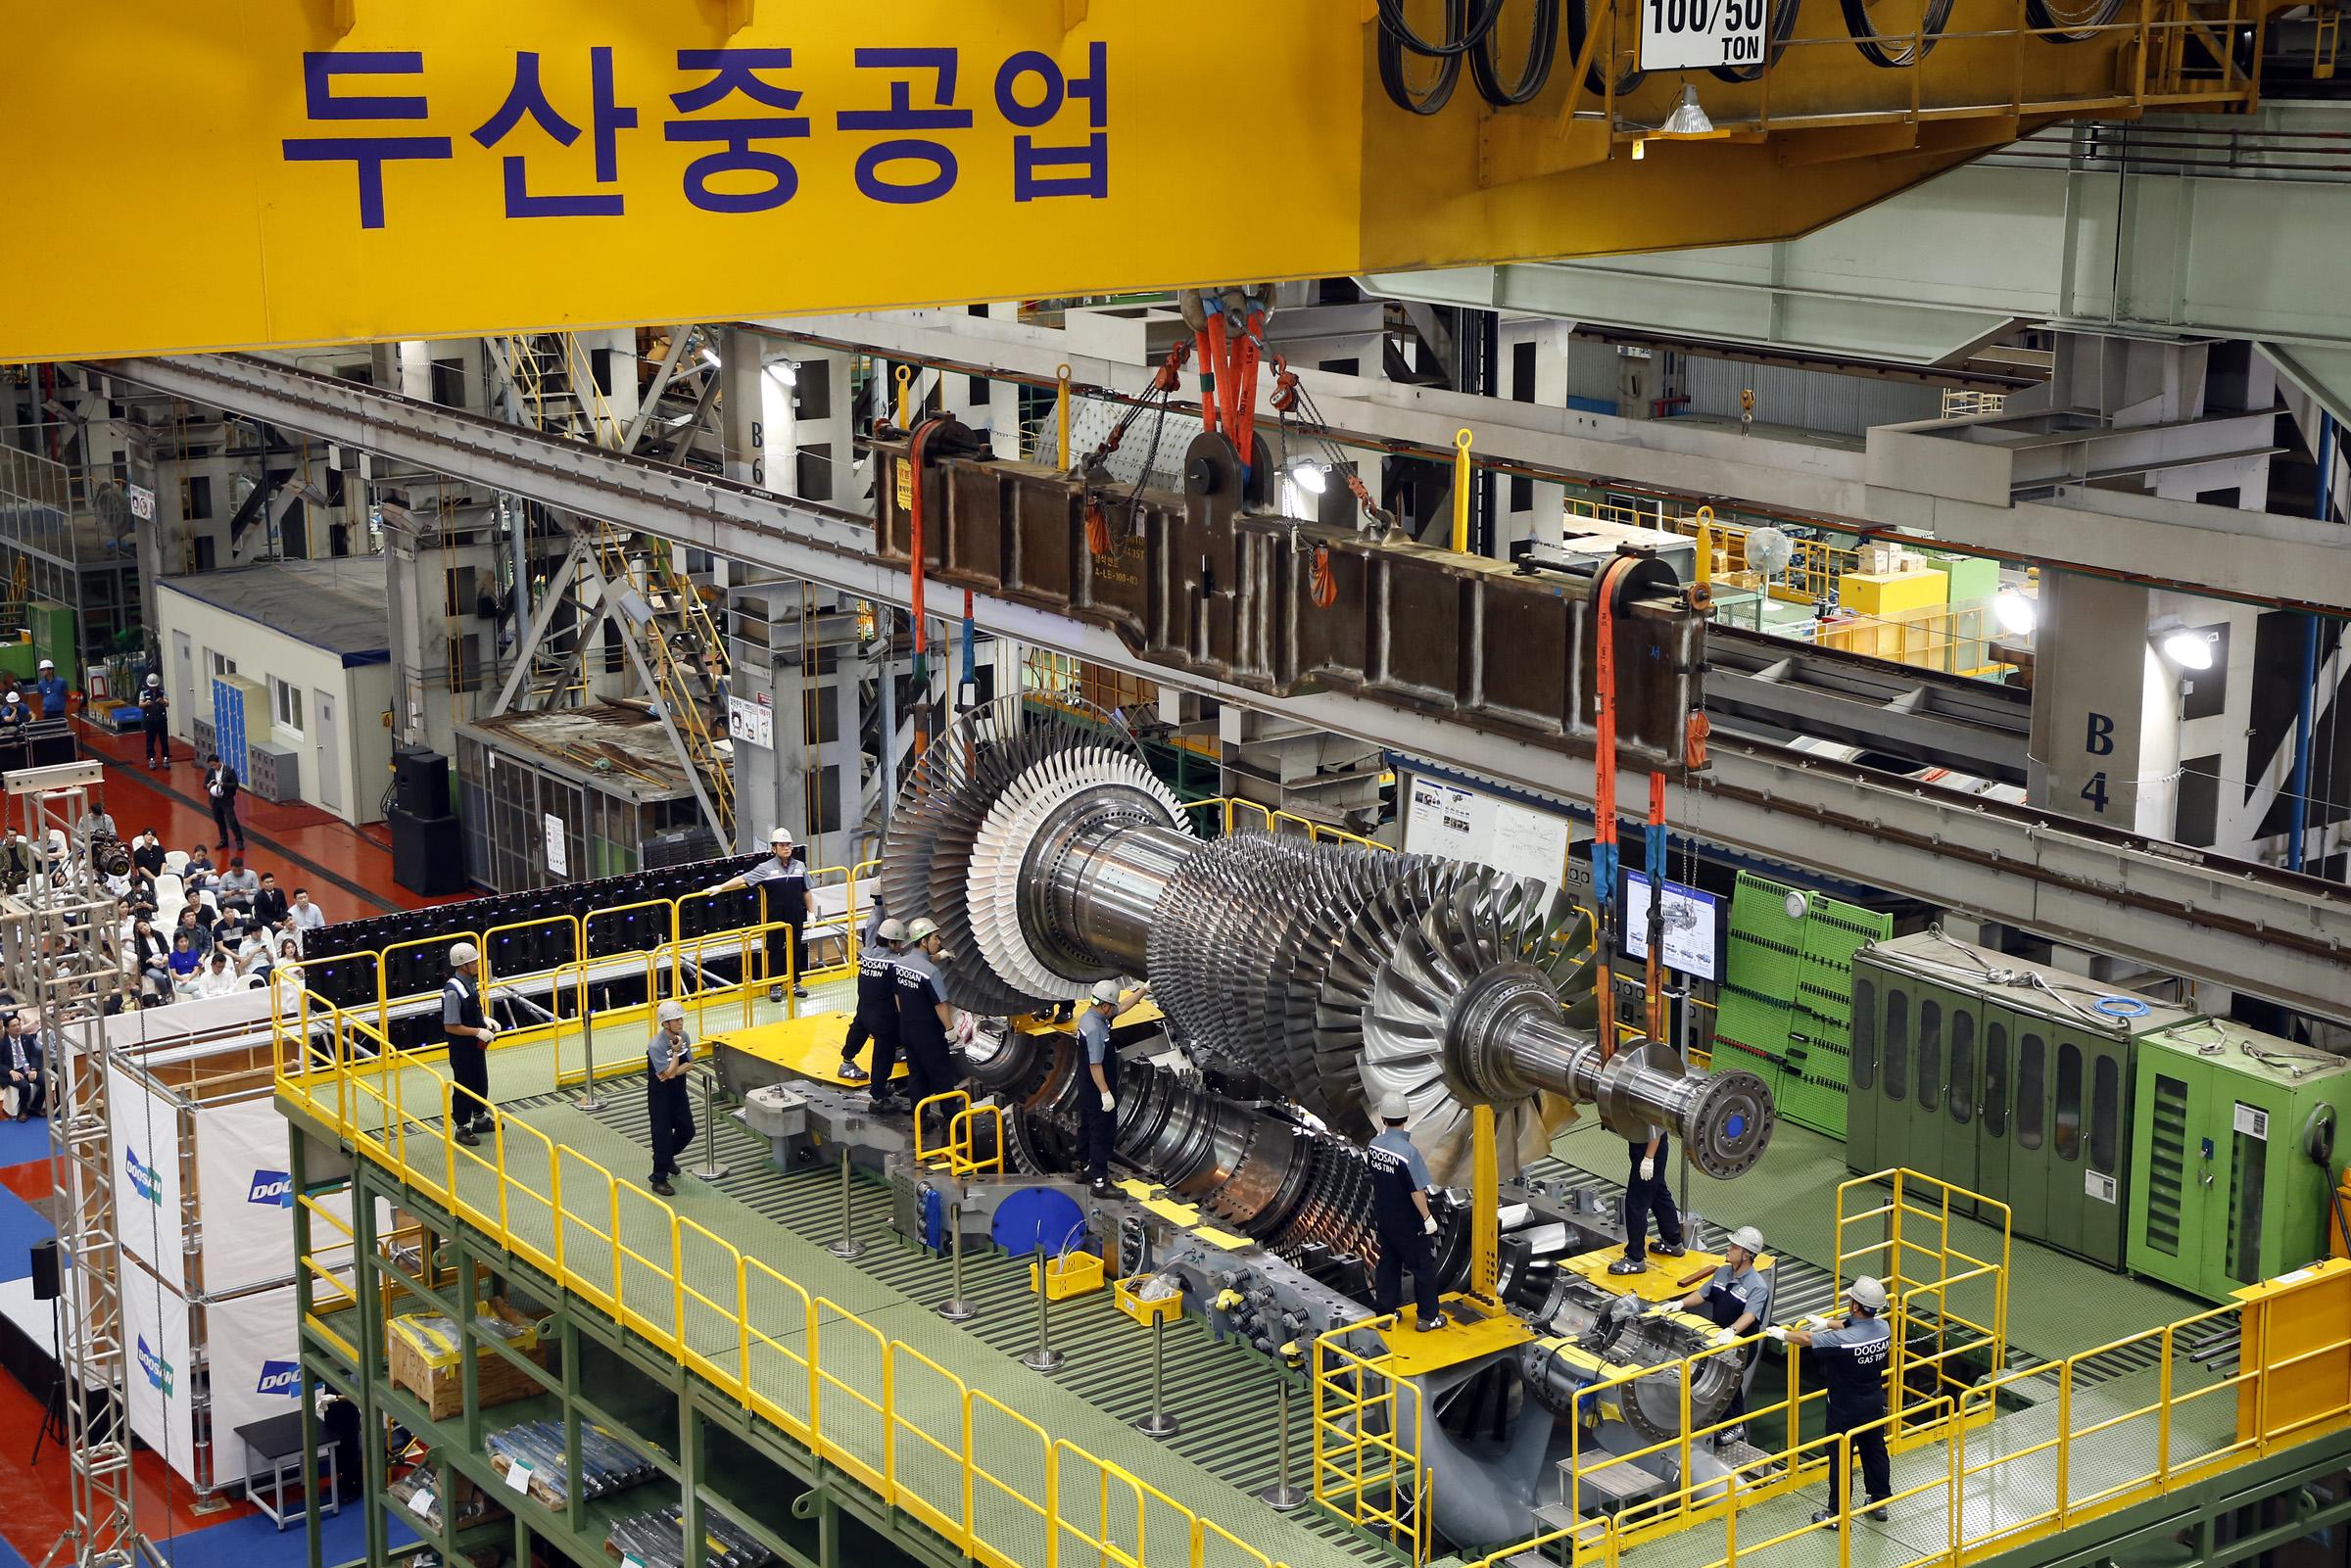 올해 9월 두산중공업 창원 본사에서 진행한 발전용 대형 가스터빈 최종조립 작업 모습